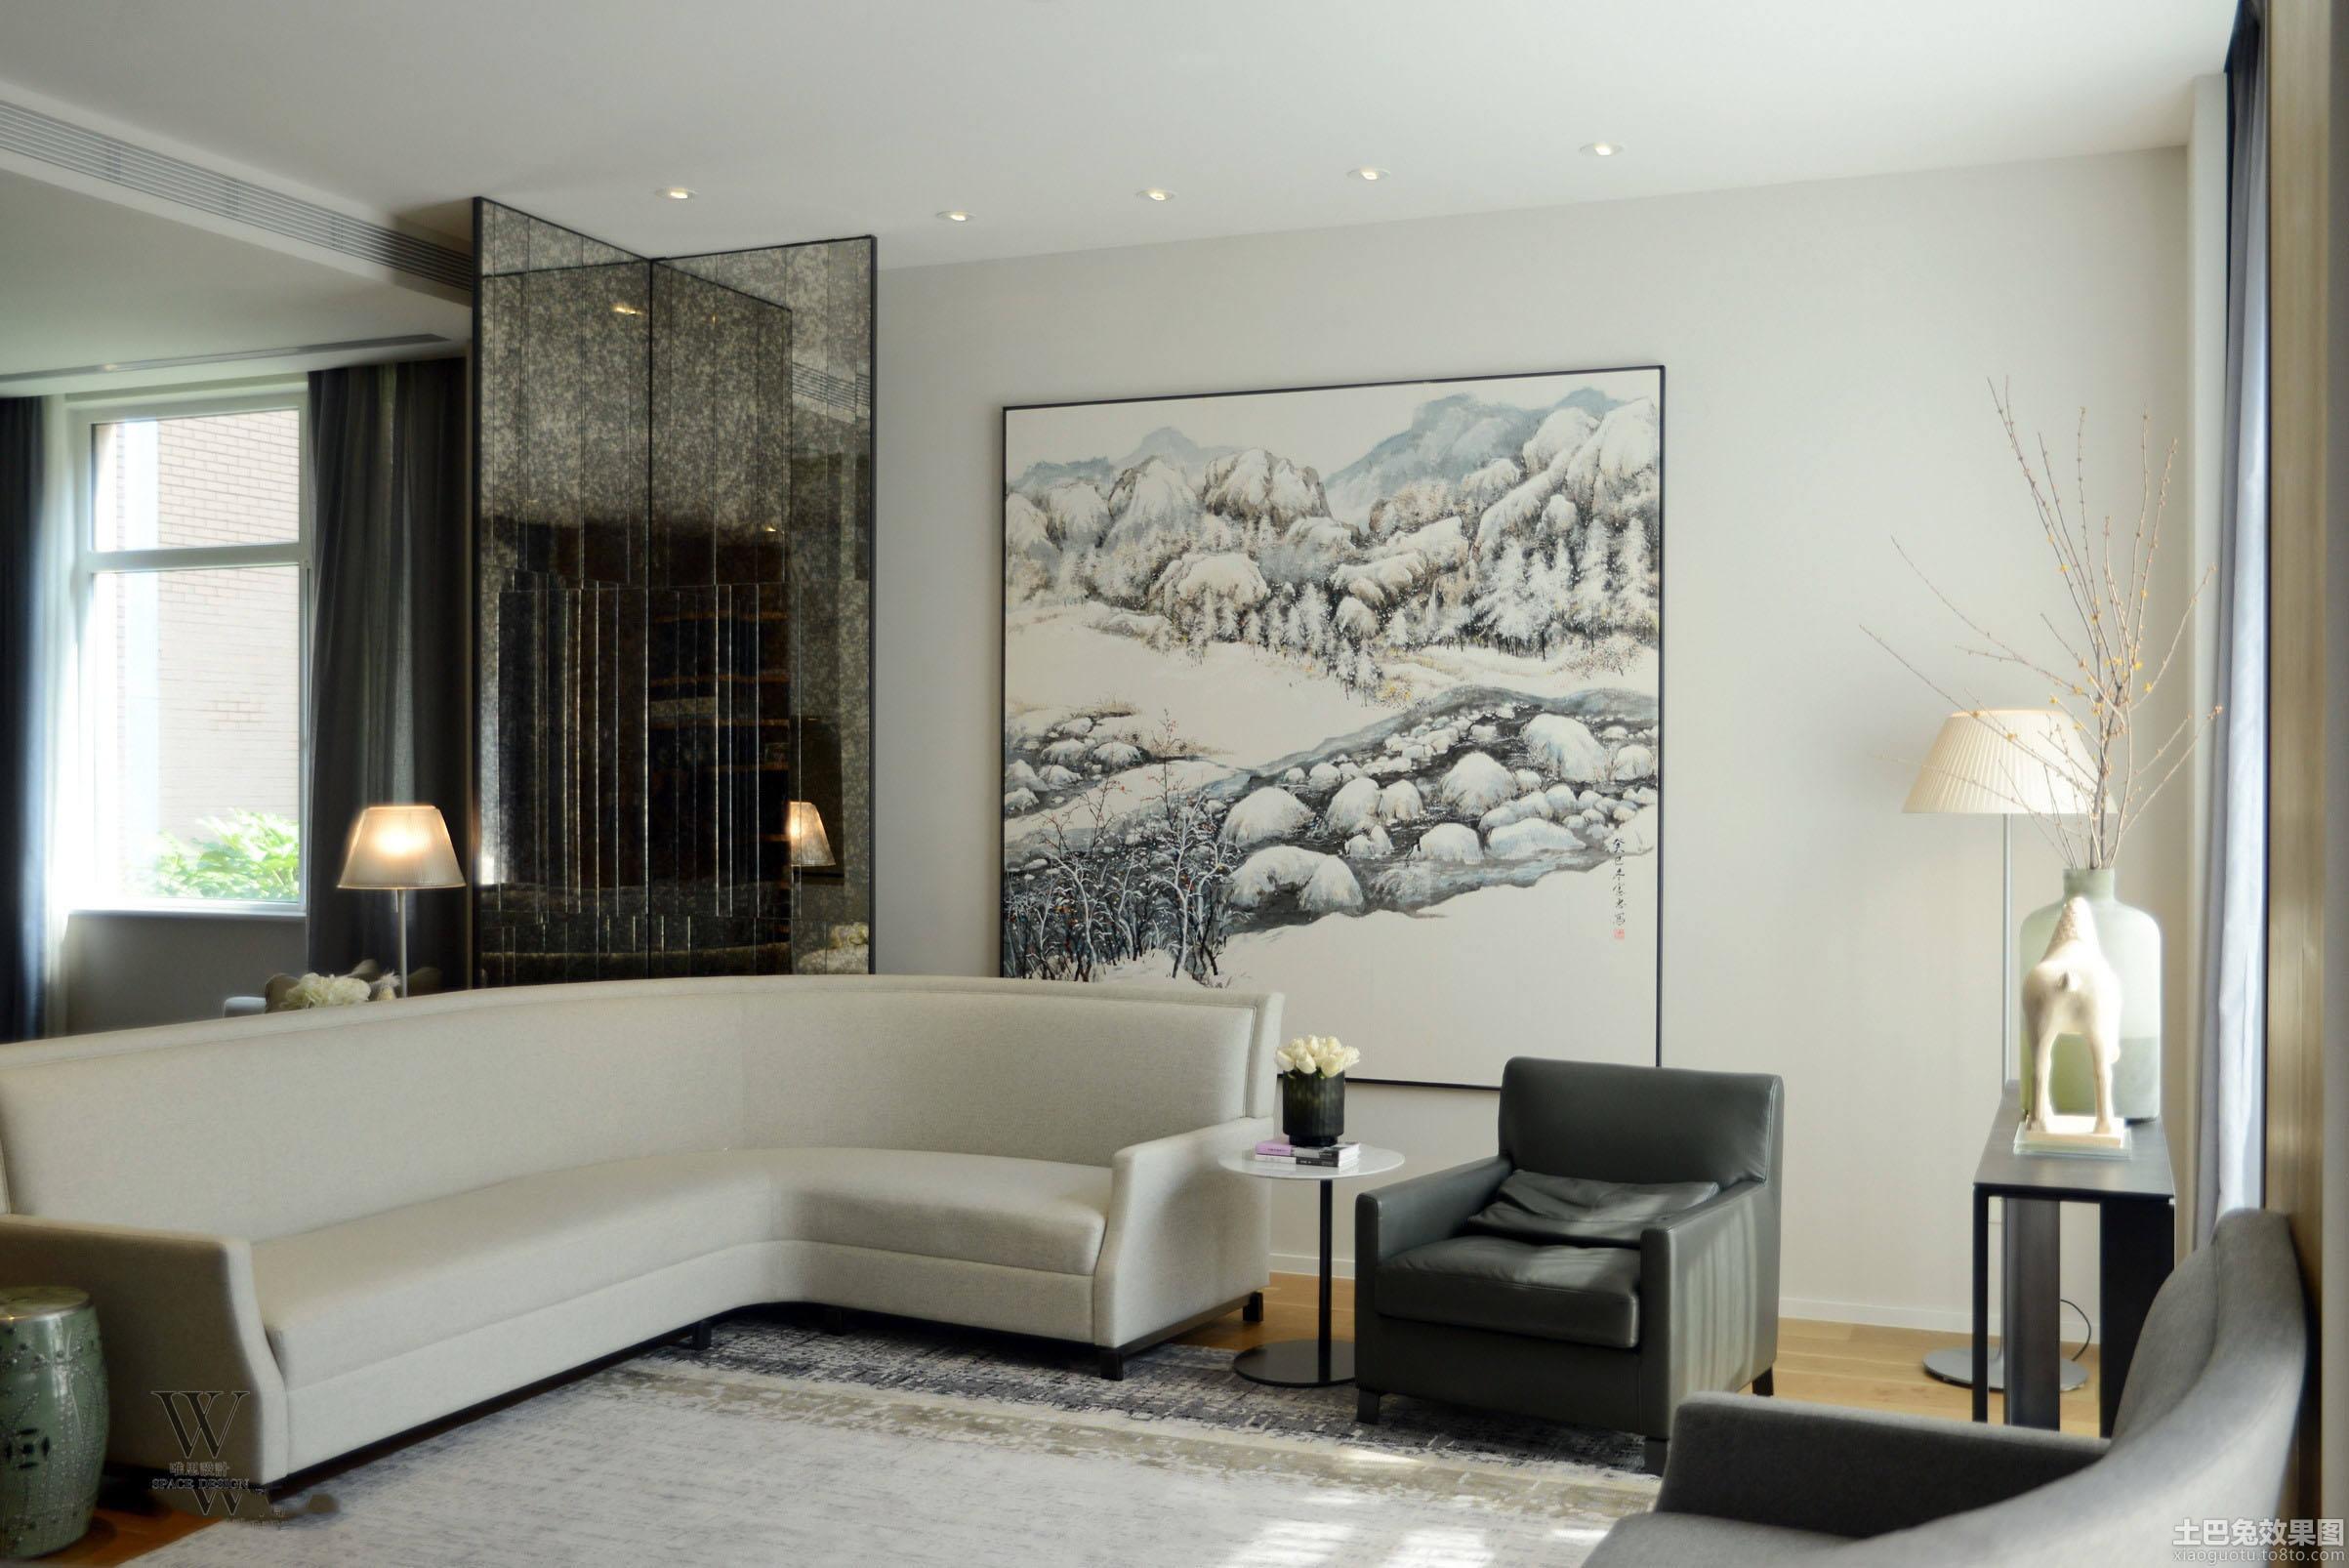 简约一居室客厅黑白装饰画效果图